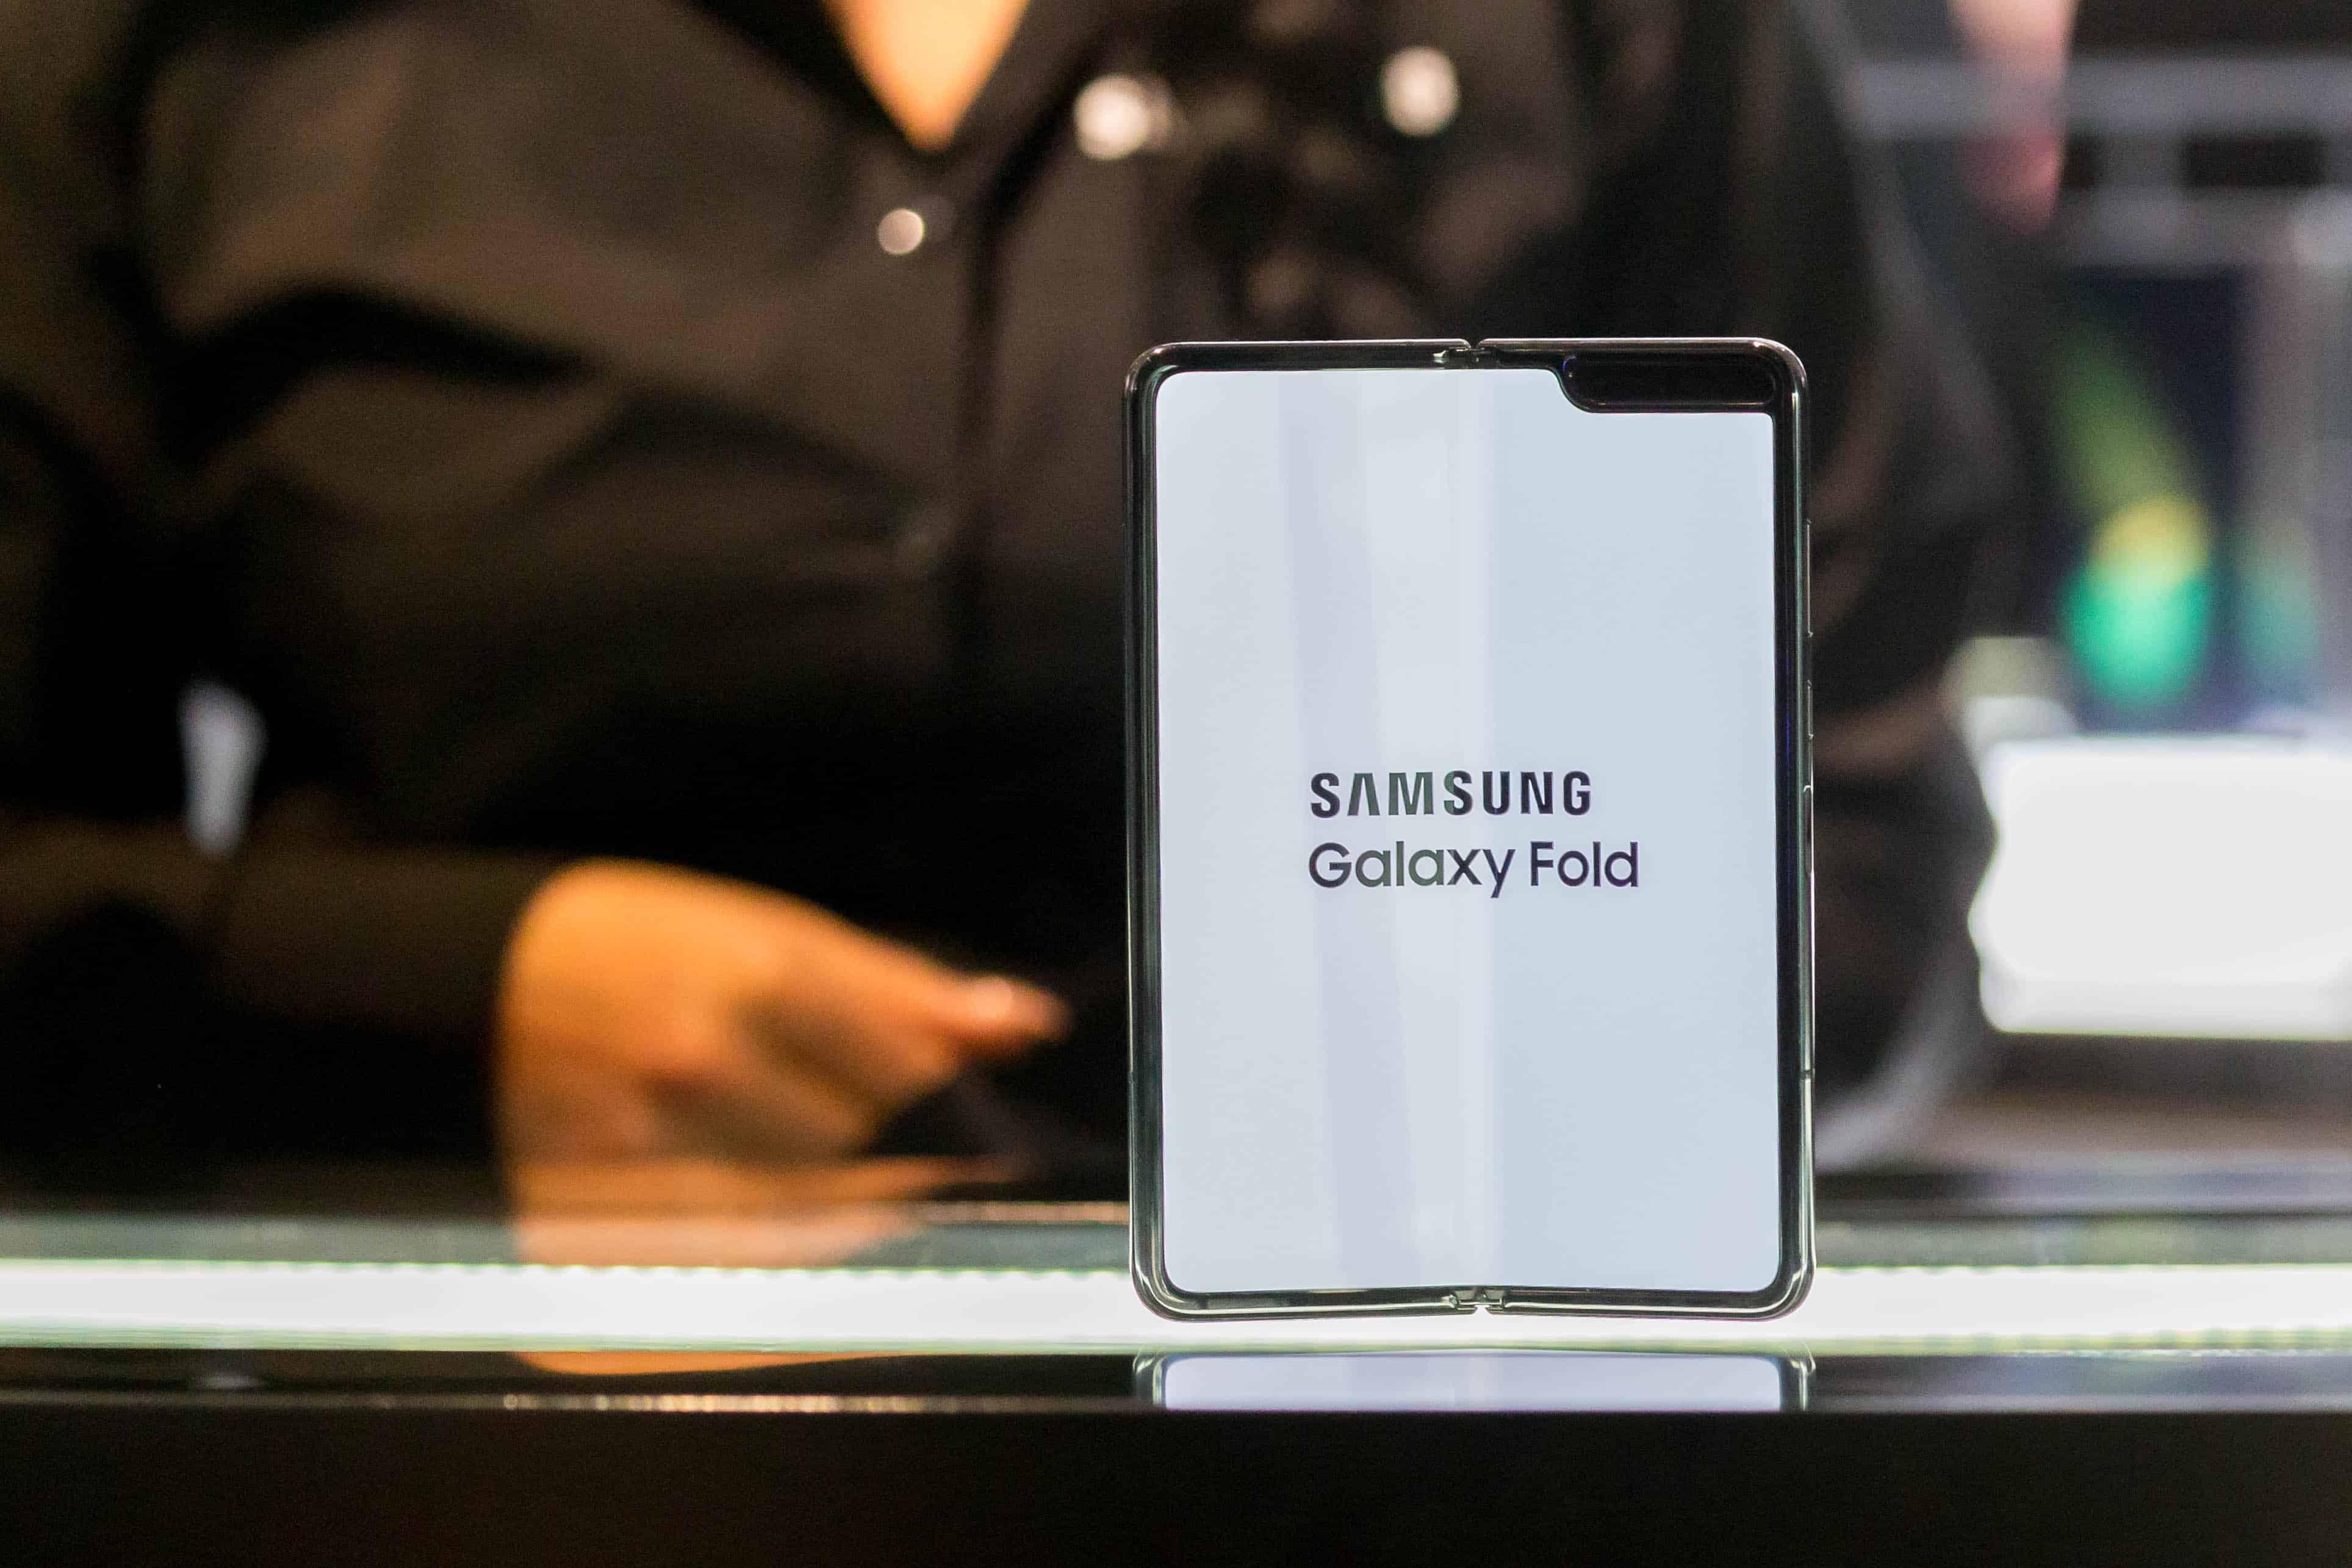 Samsung скрыла от всех неустранимый недостаток гибкого смартфона - cnews